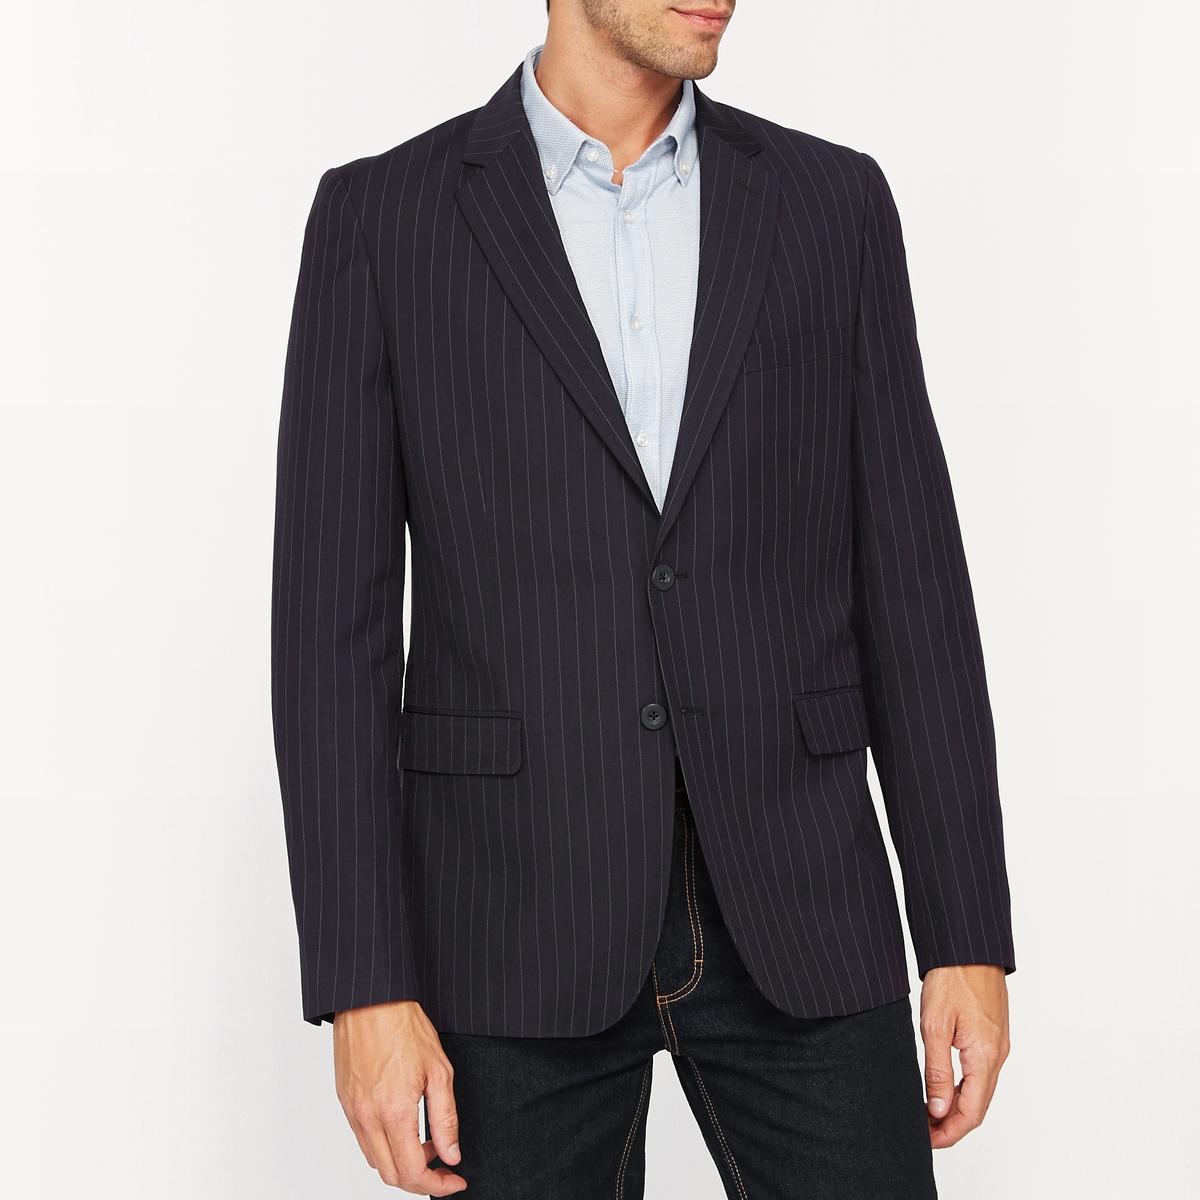 Жакет костюмный узкого покроя в полоскуСостав и описание :Основной материал : 70% полиэстера, 30% вискозыПодкладка : 100% полиэстерМарка :      R ?ditionДлина : 75смУход :Рекомендуется сухая чистка<br><br>Цвет: темно-синий в полоску серый меланж